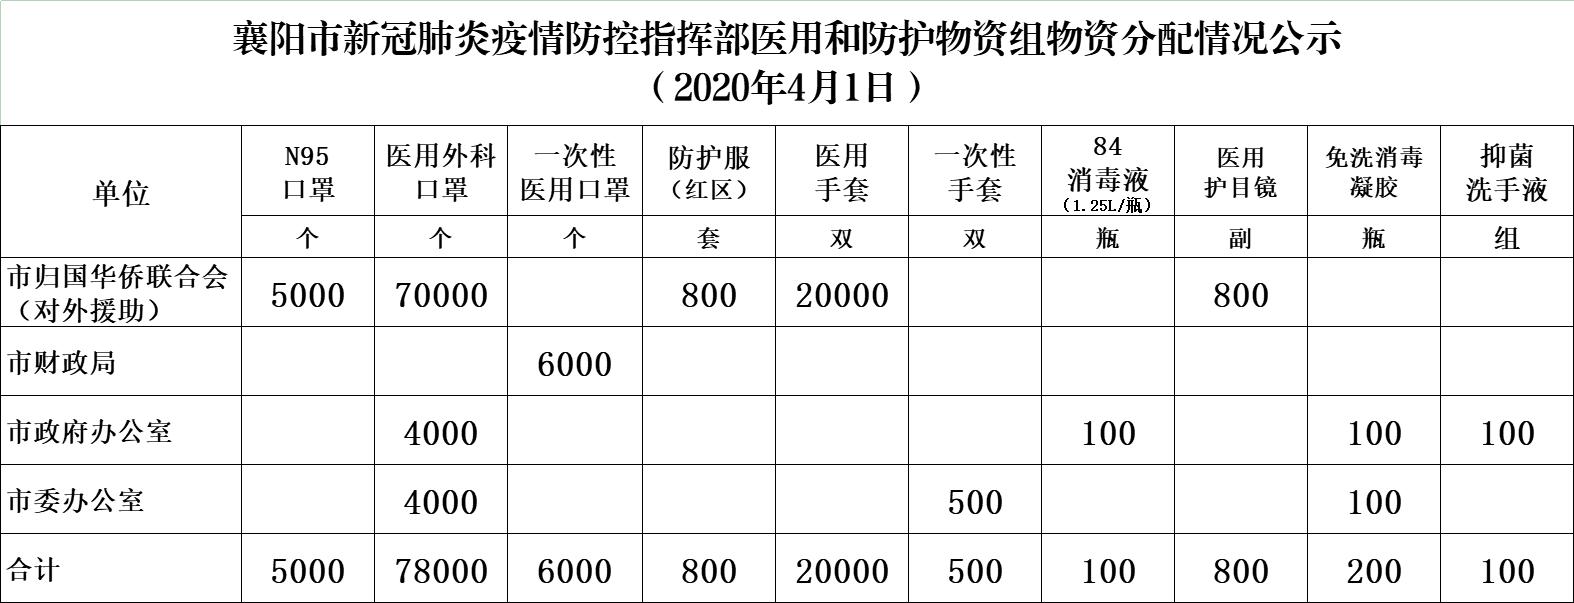 襄阳市新冠肺炎疫情防控指挥部医用和防护物资组物资分配情况公示(4月1日)